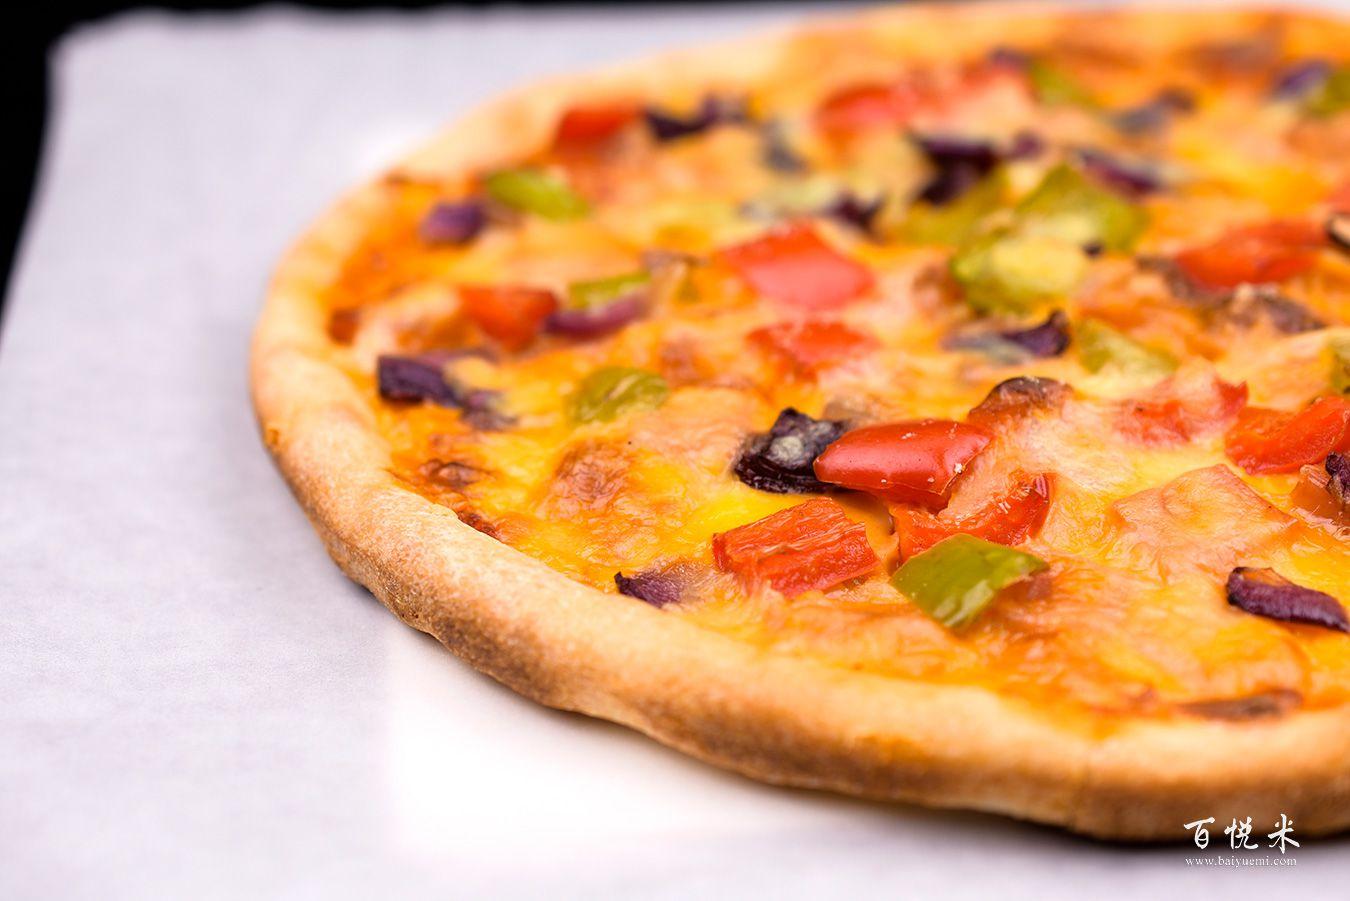 培根披萨高清图片大全【蛋糕图片】_788